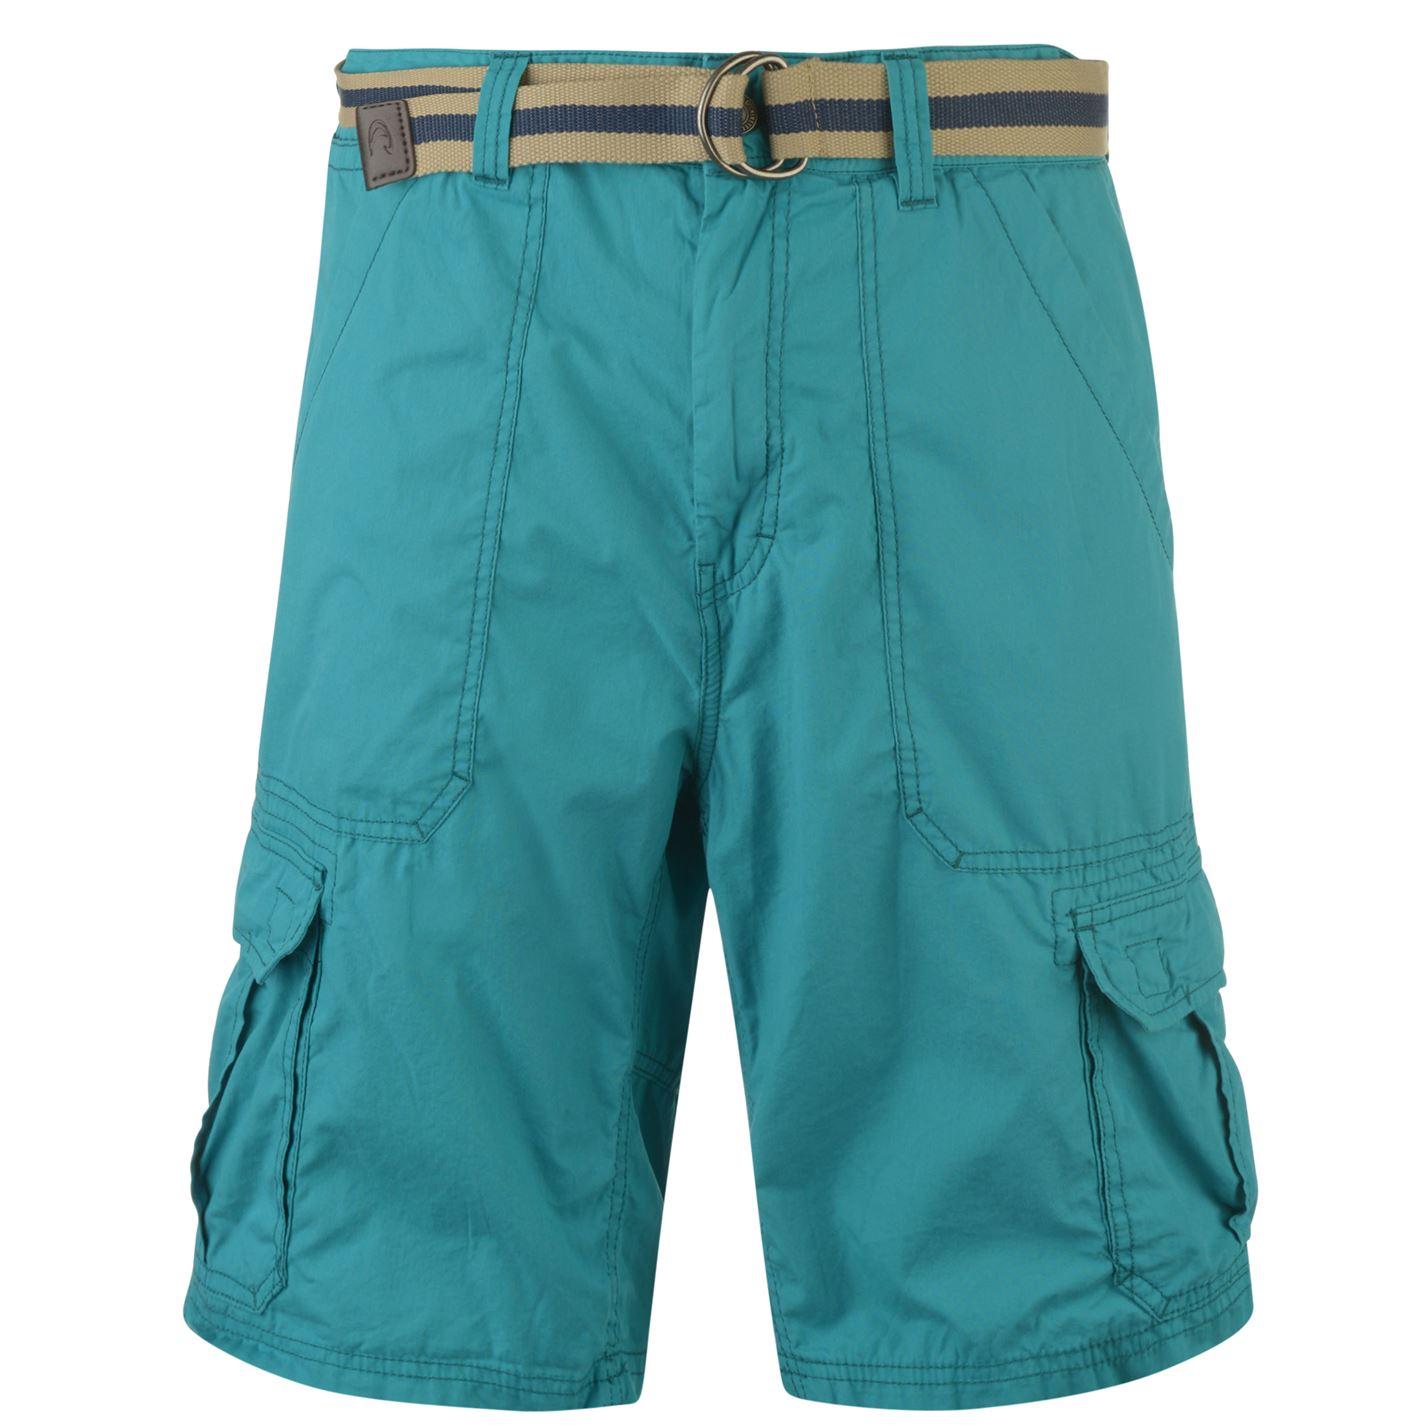 ONeill Beach Break Belted Shorts Mens